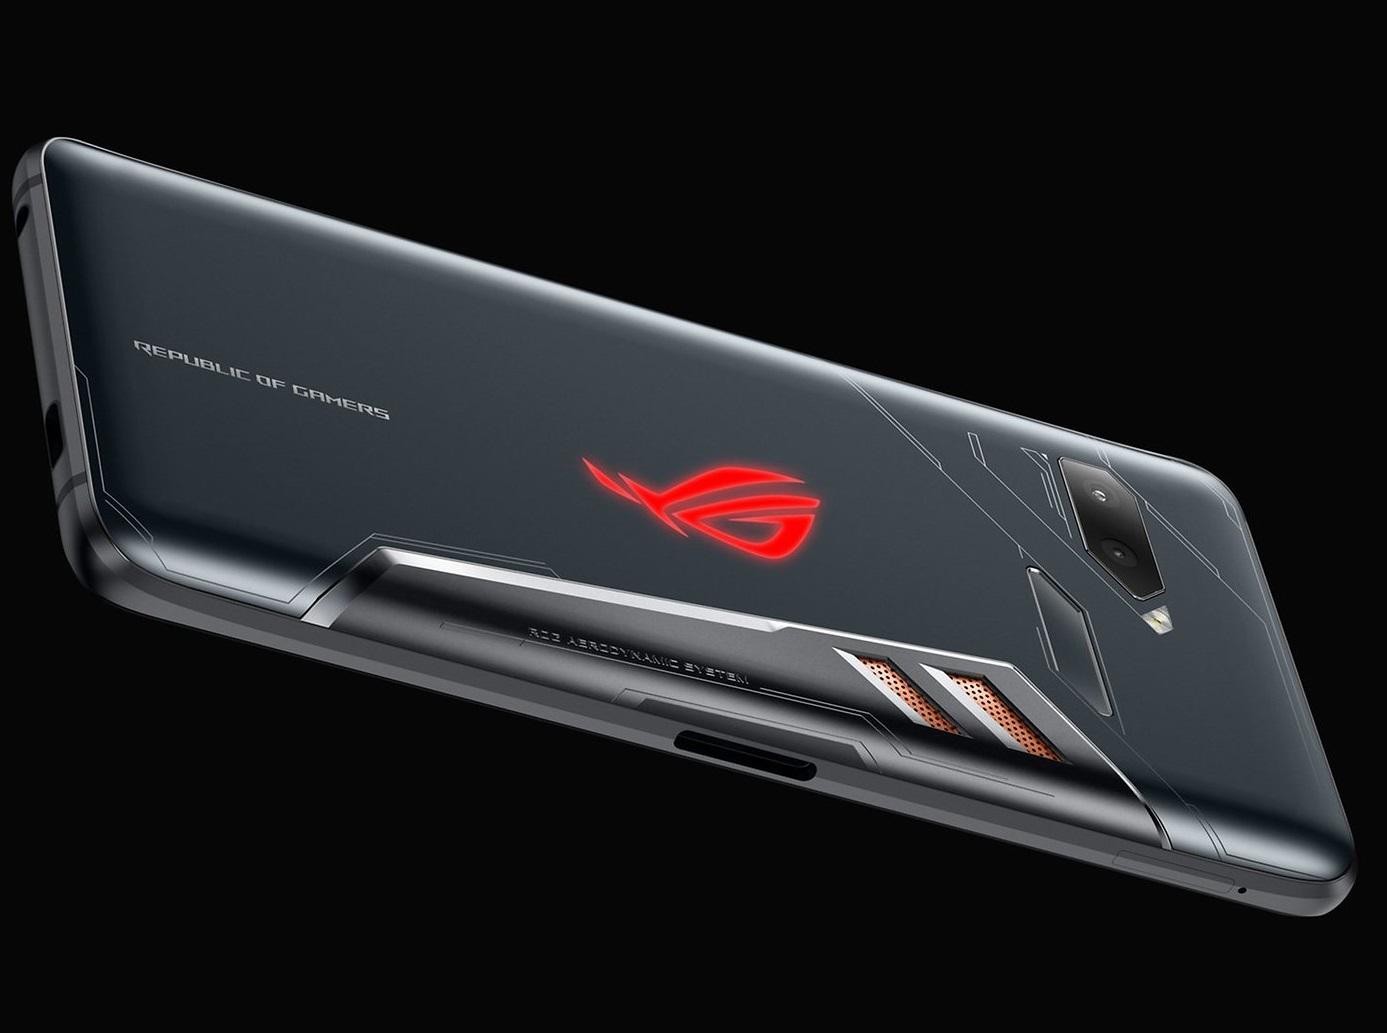 Asus ROG Phone : ce smartphone pour gamers sera dévoilé au Computex !